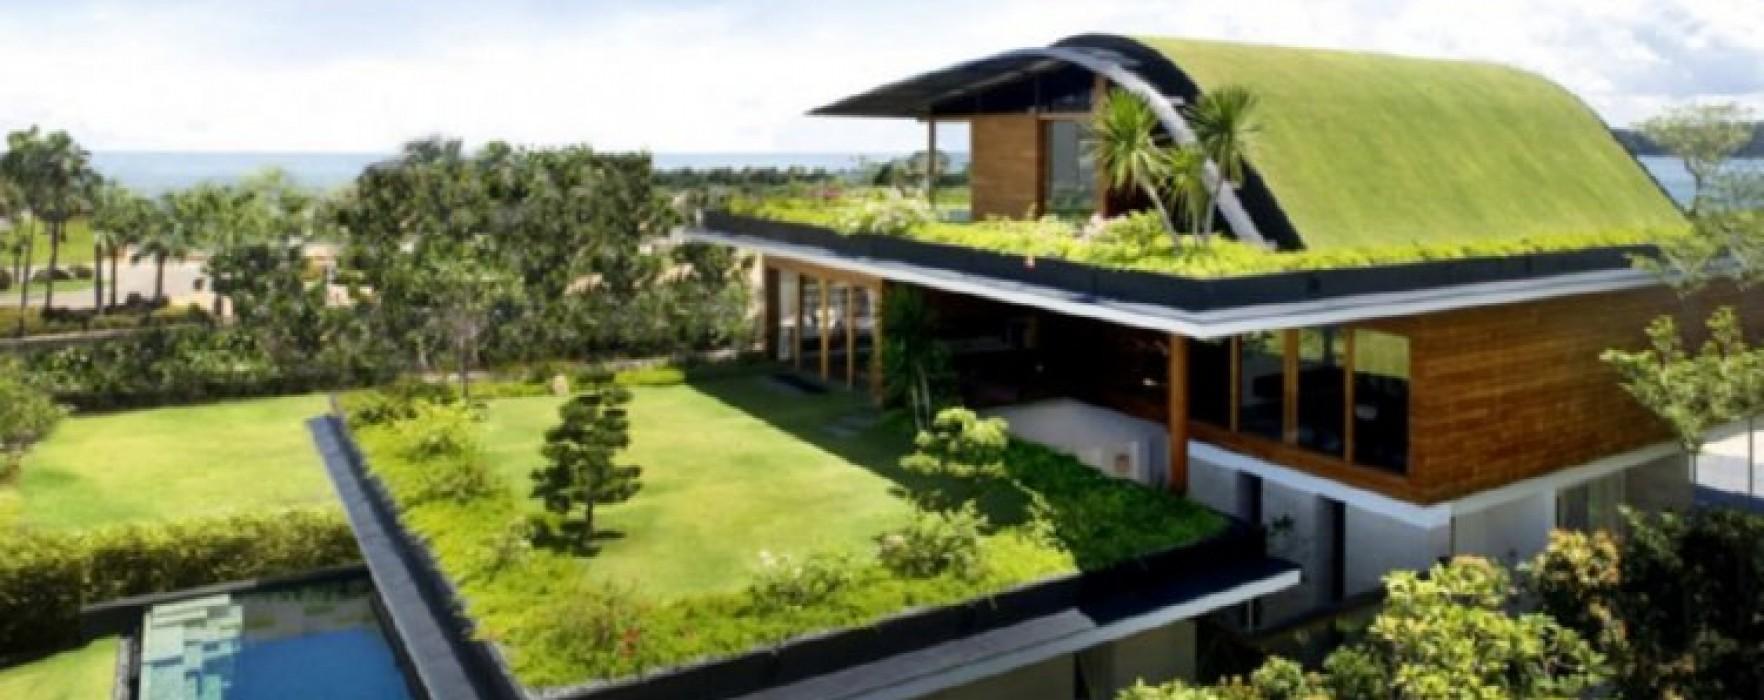 Conosciuto Tetti verdi e case in legno | caseprefabbricateinlegno.it MC22